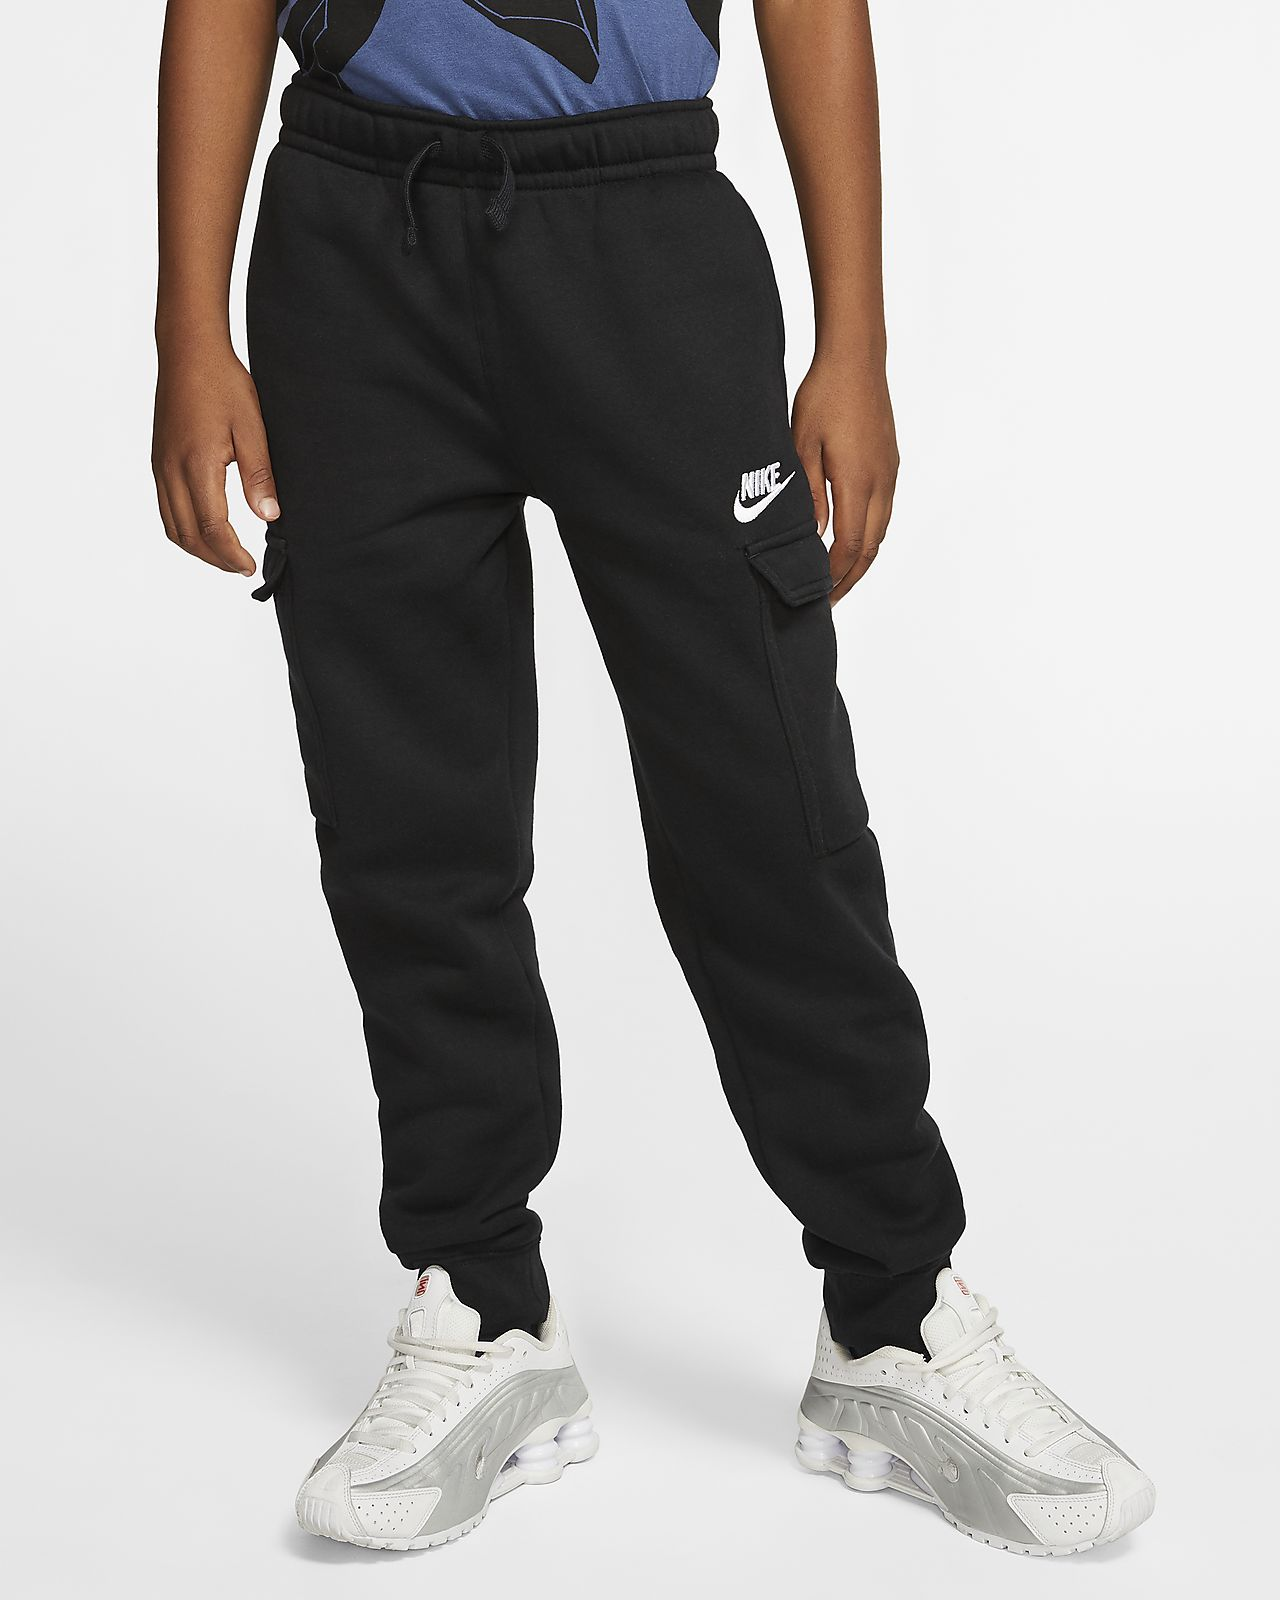 กางเกงคาร์โก้เด็กโต Nike Sportswear Club (ชาย)